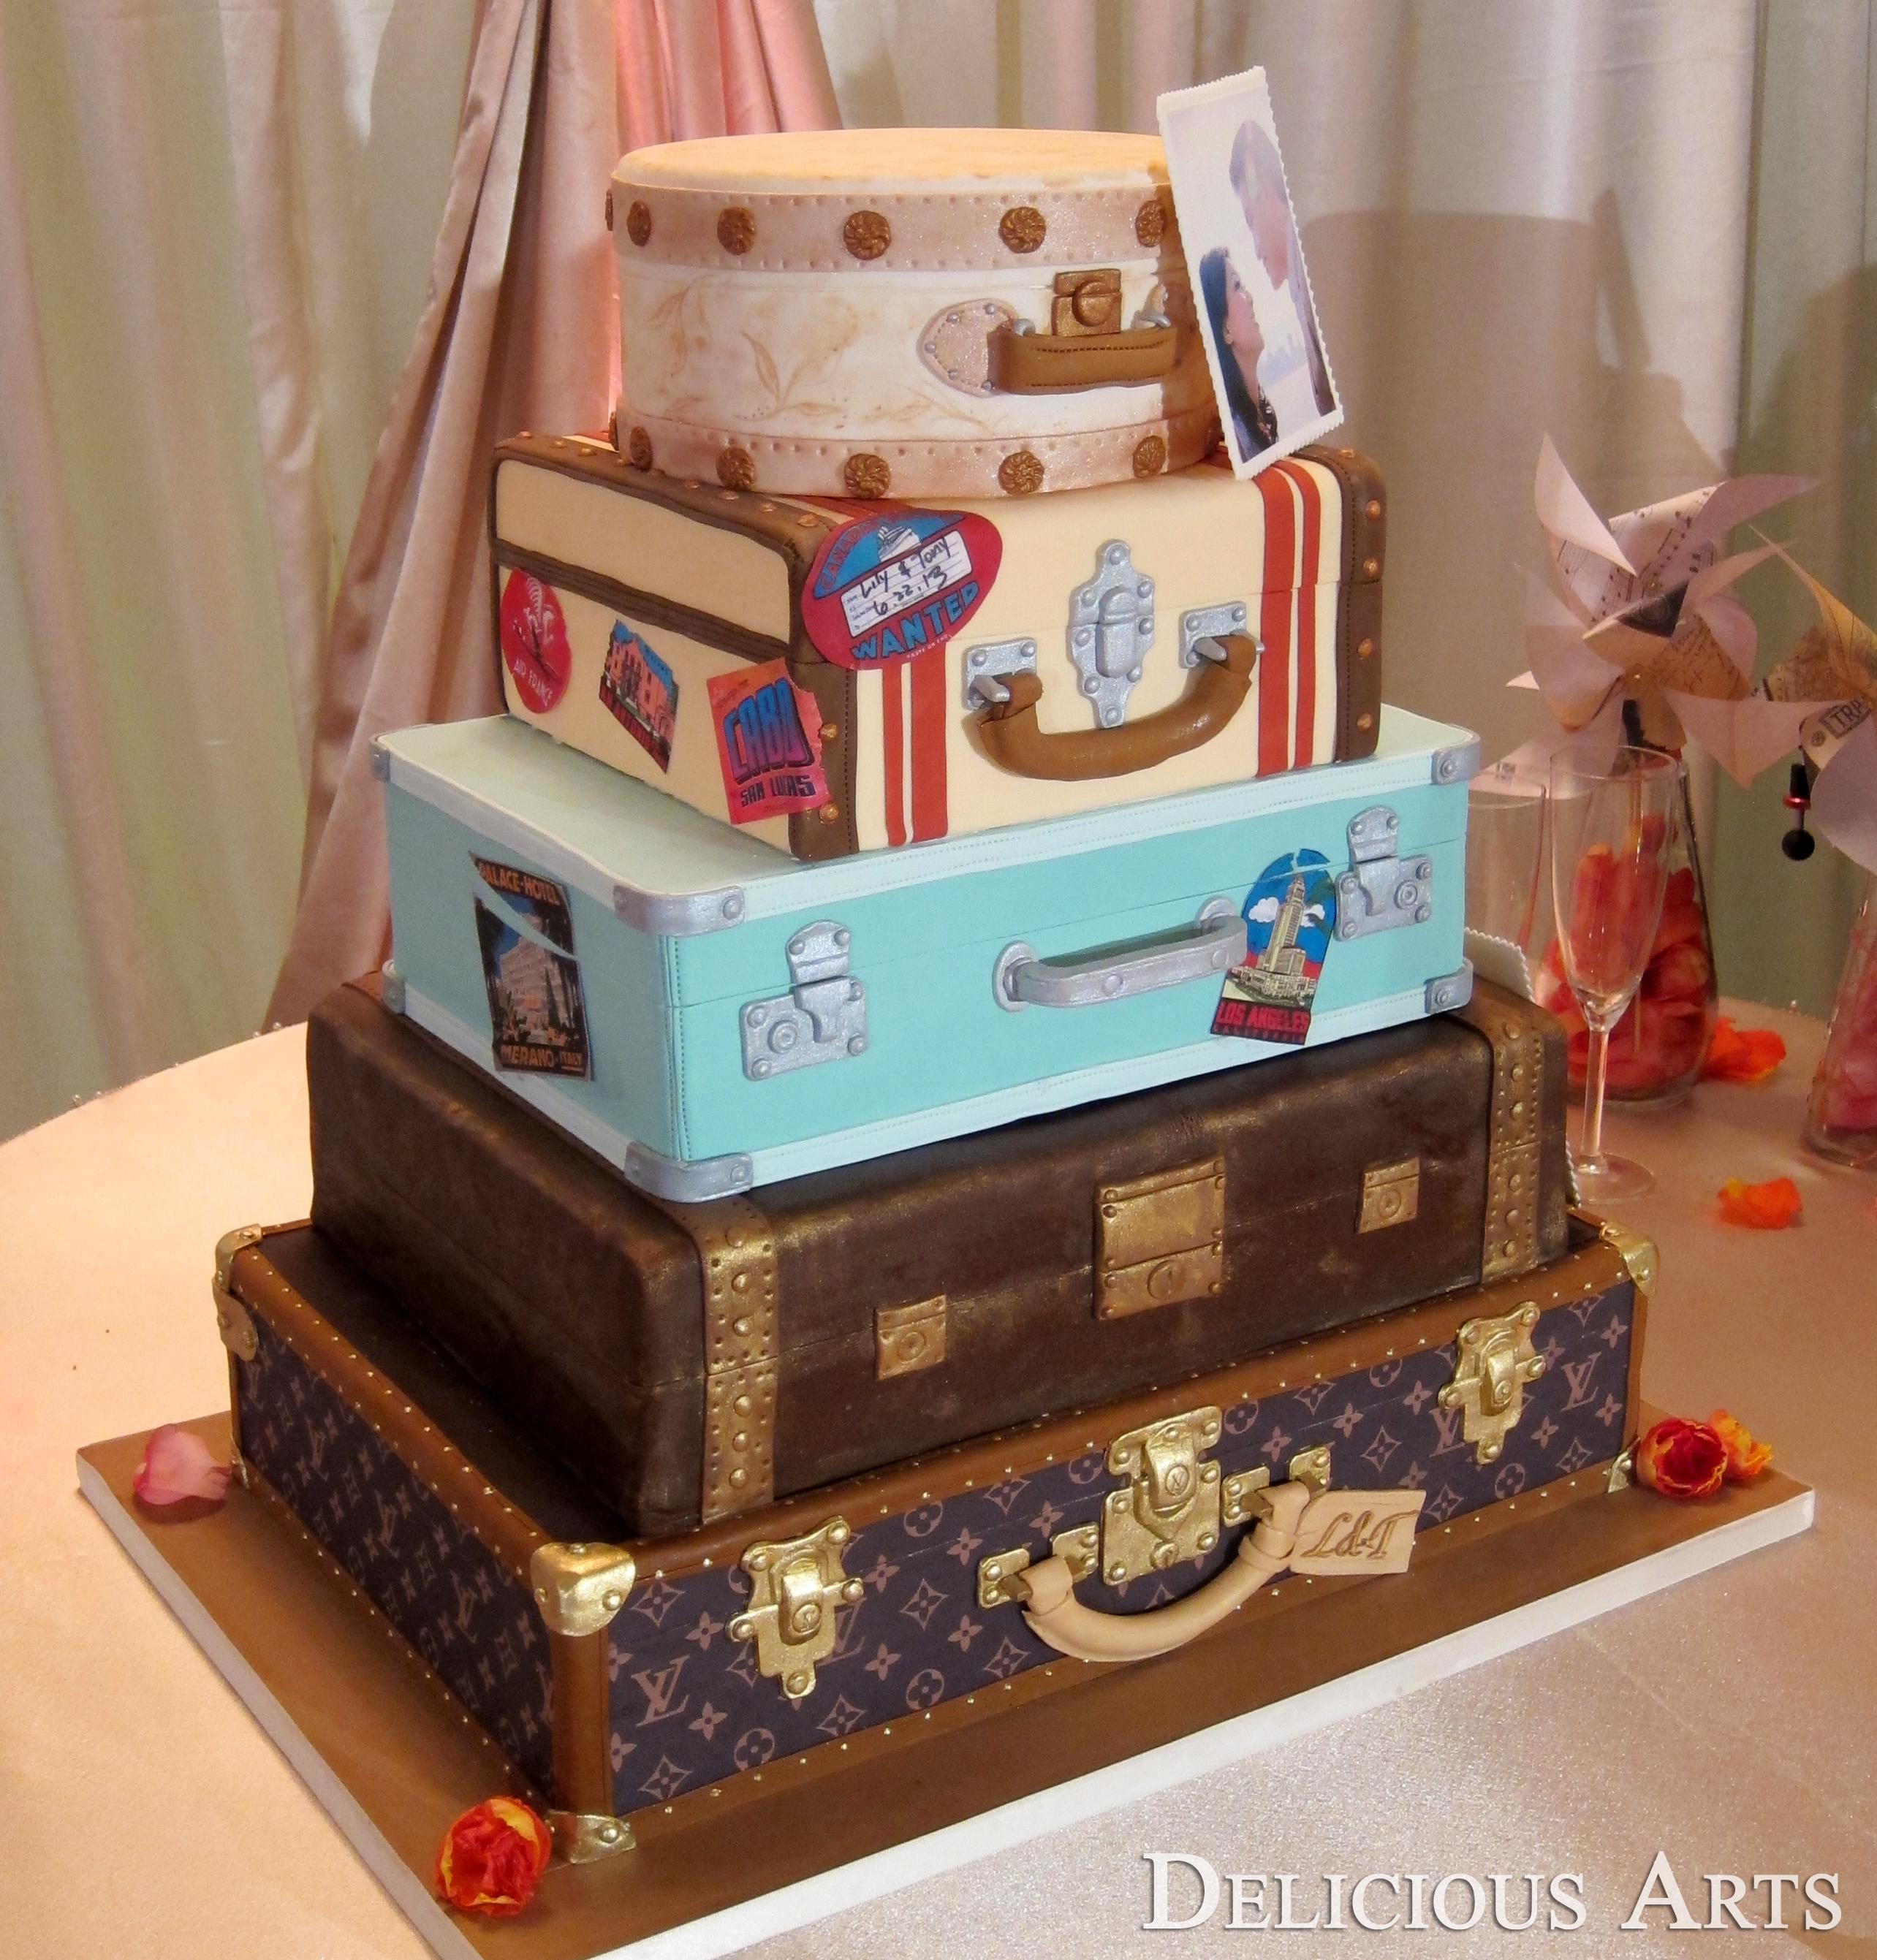 Delicious Arts Custom Cakes Bakery